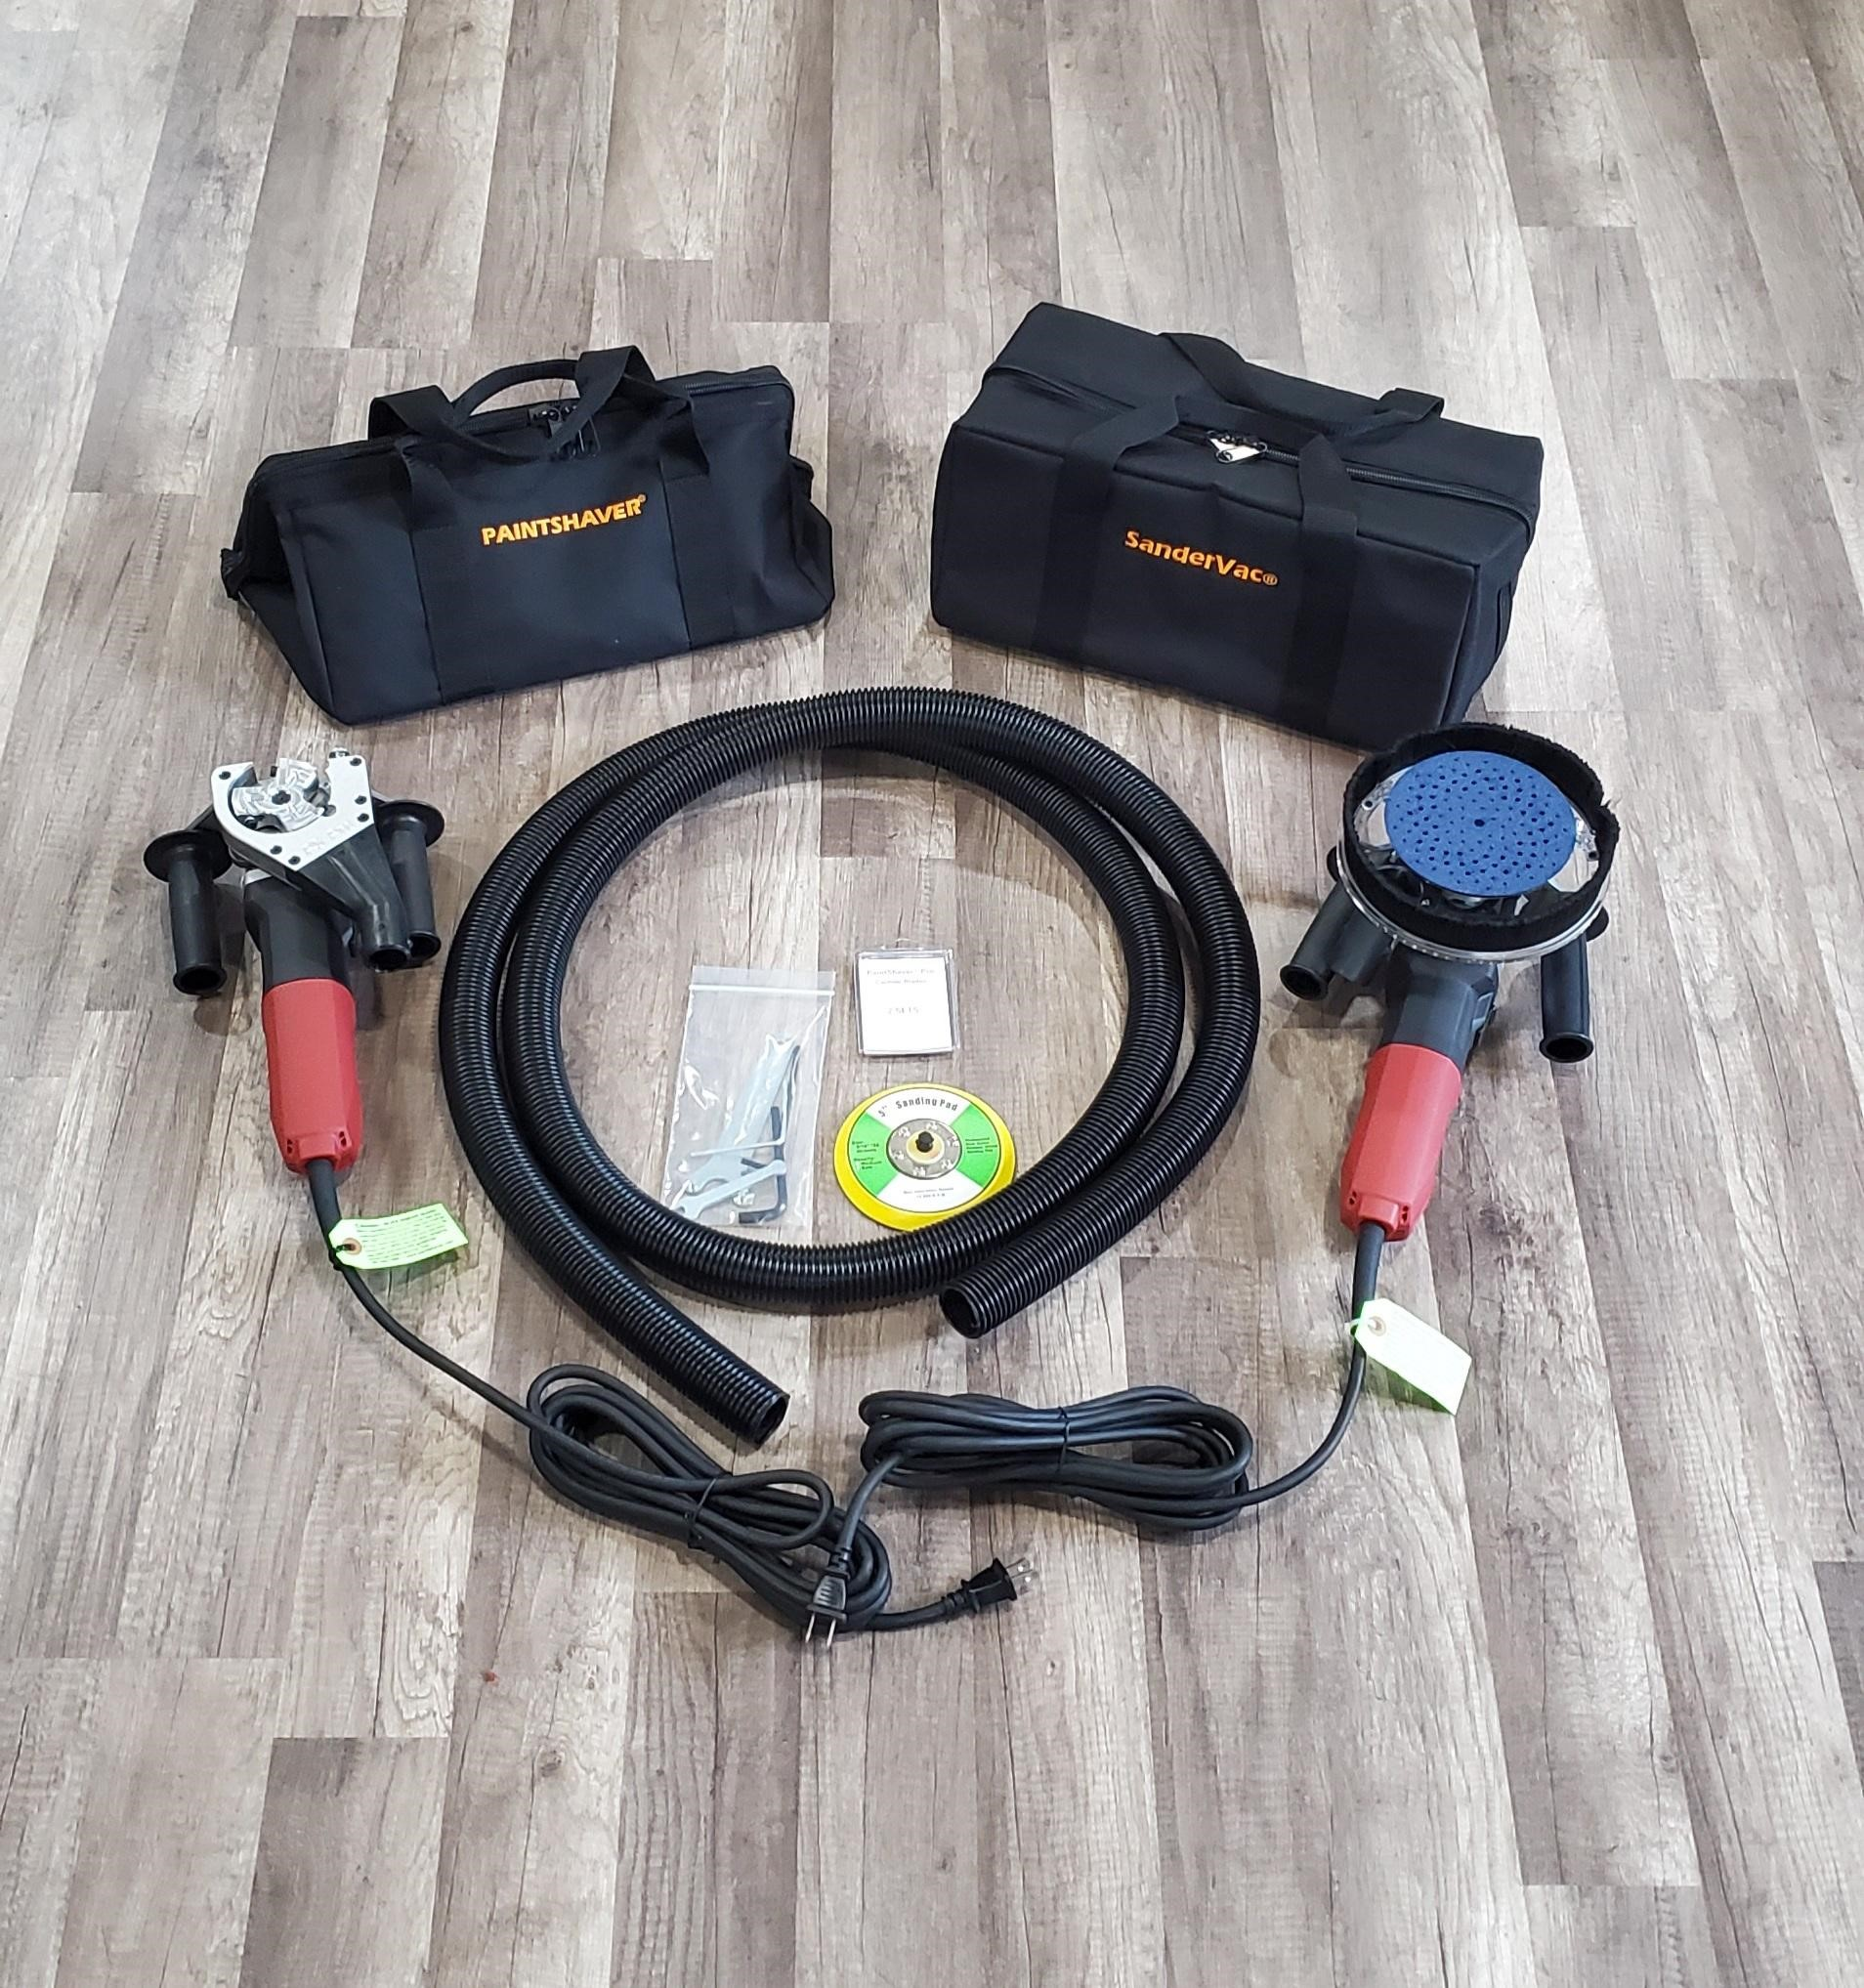 9 Amp Paintshaver® Pro Combo Kit